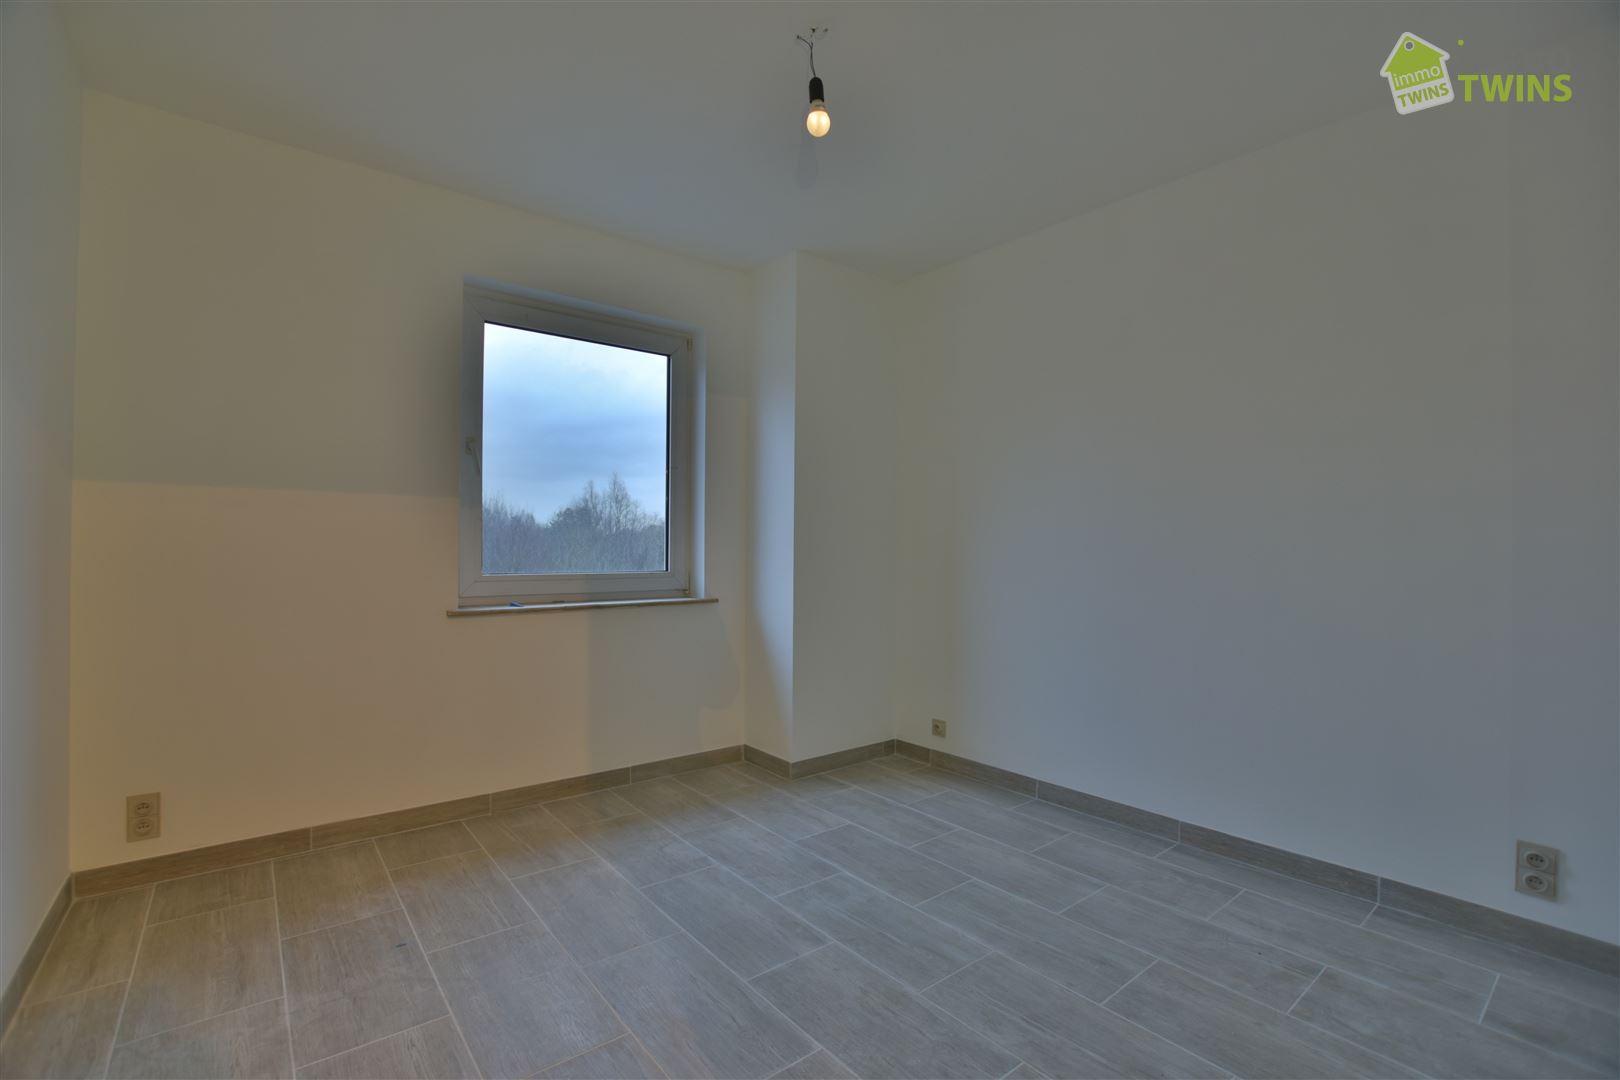 Foto 11 : Appartement te 9200 APPELS (België) - Prijs € 620